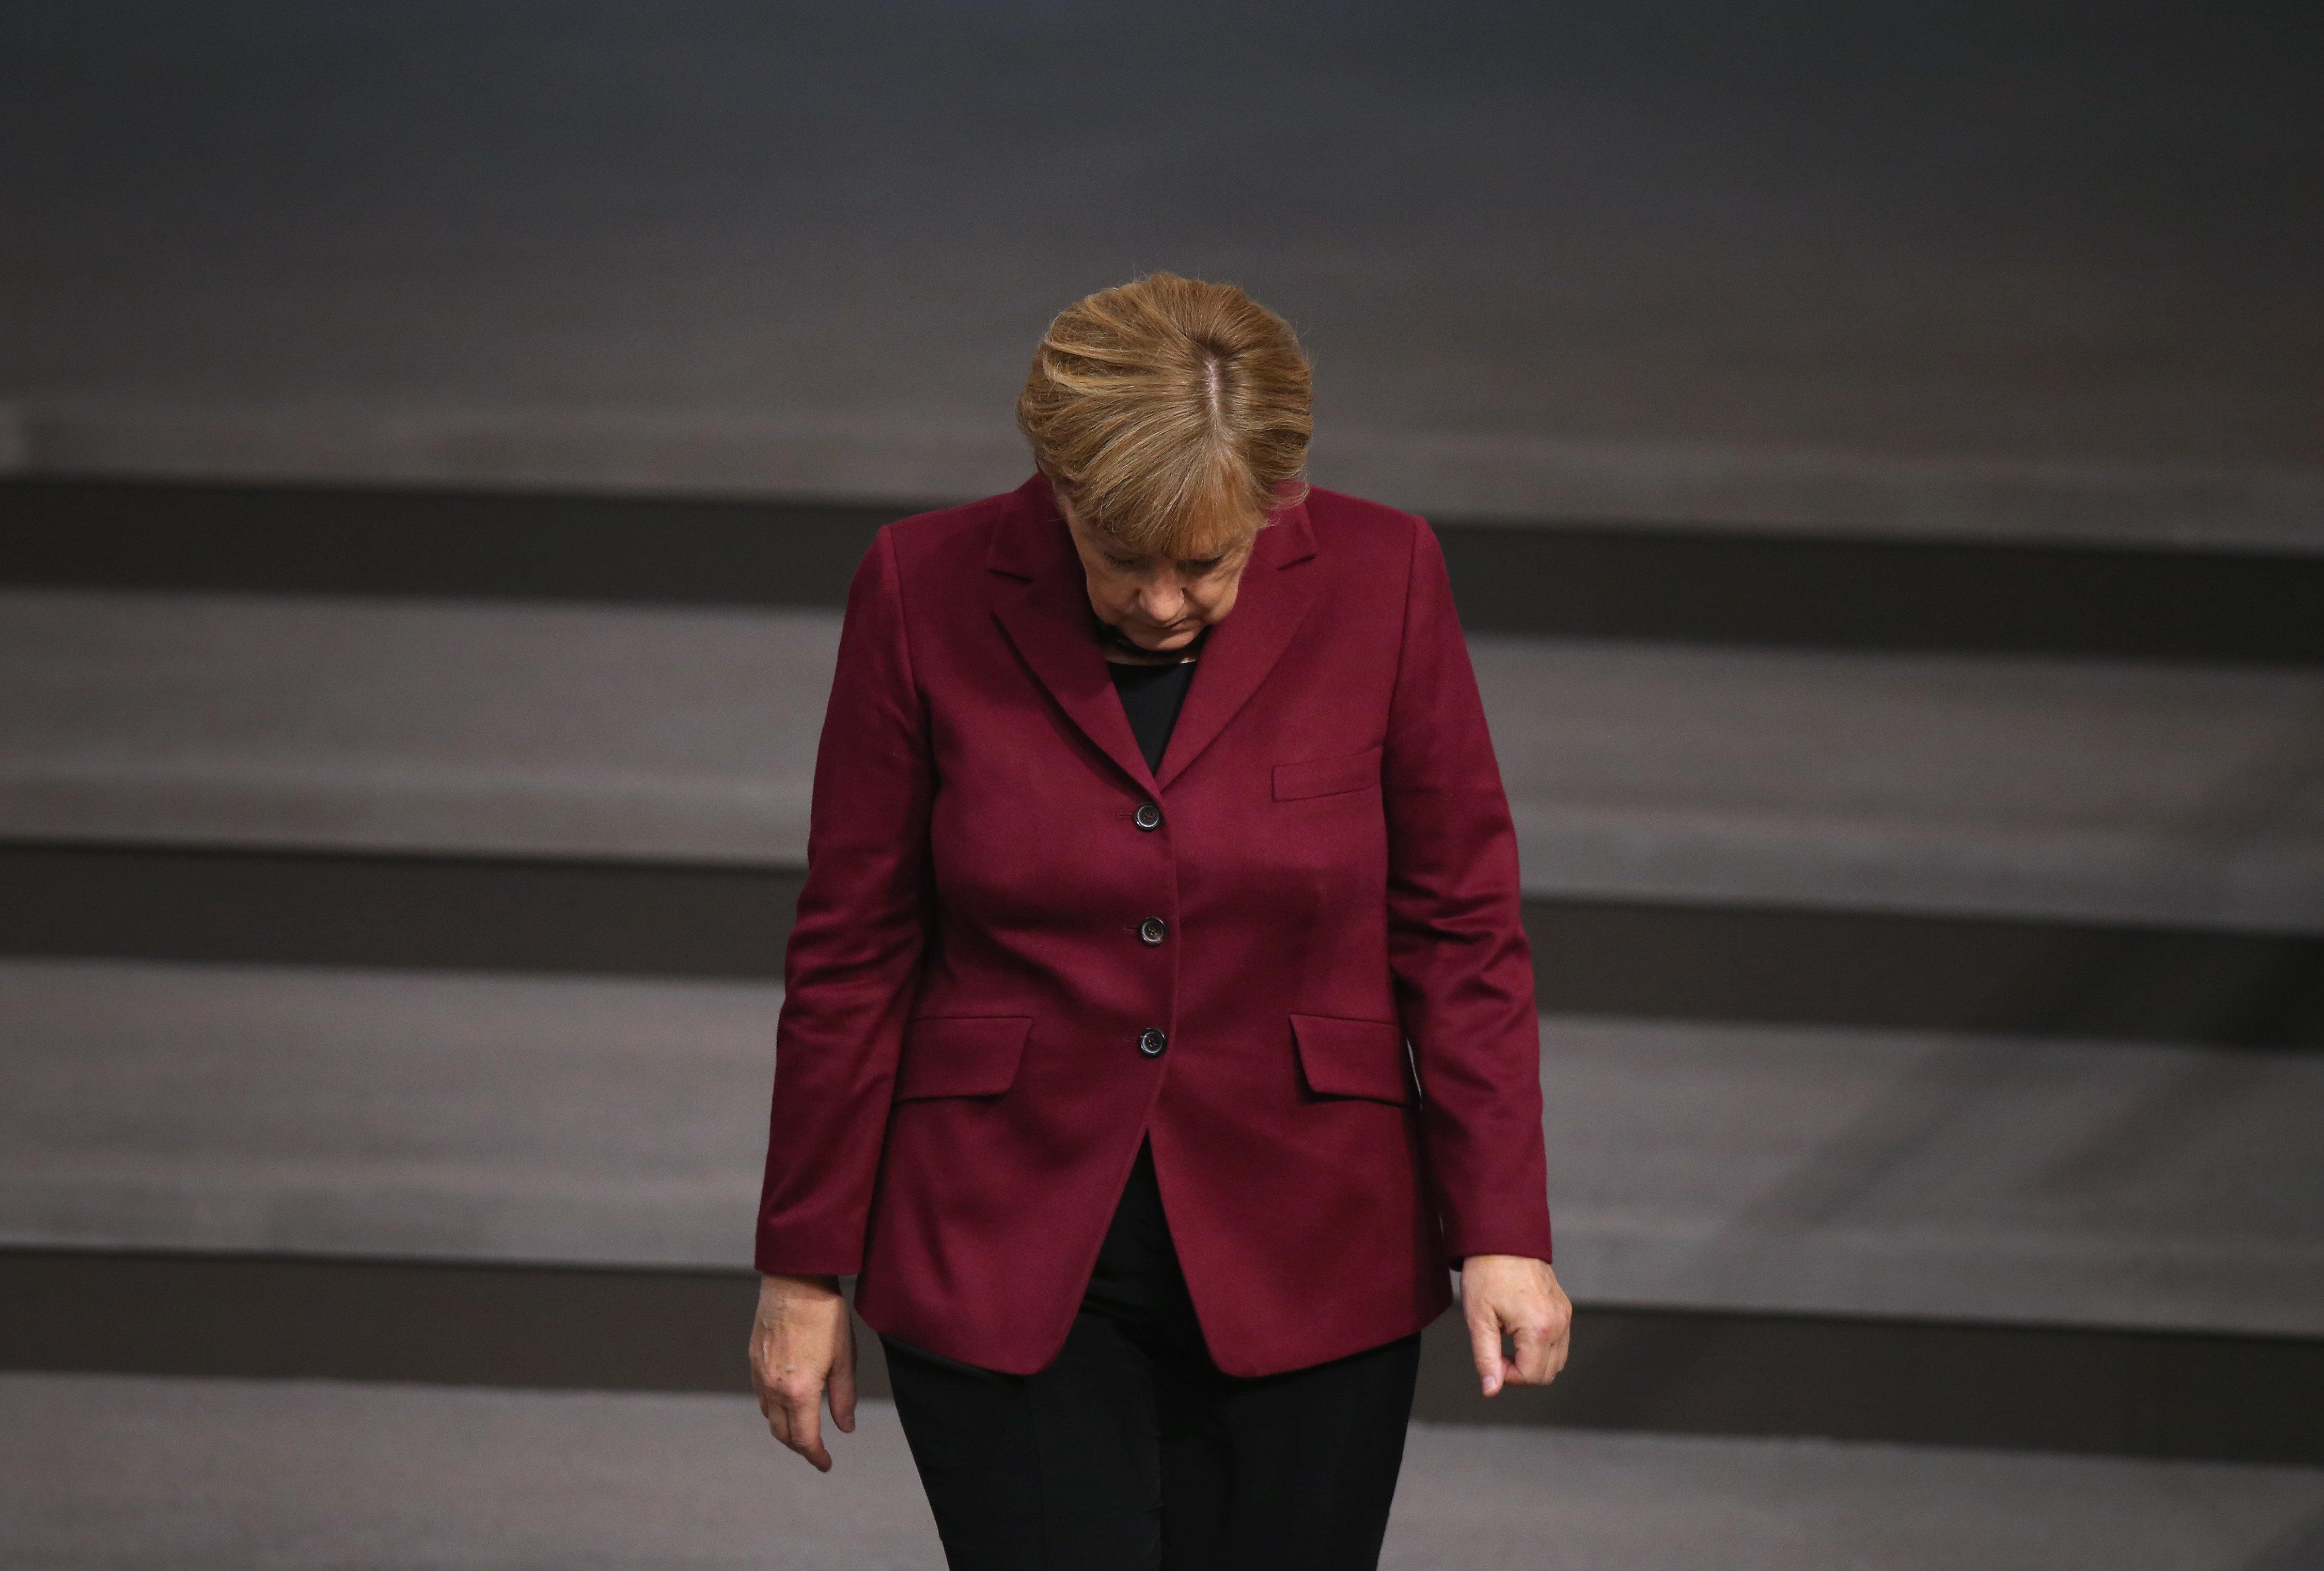 Wenn Merkel weg ist, wird gar nichts